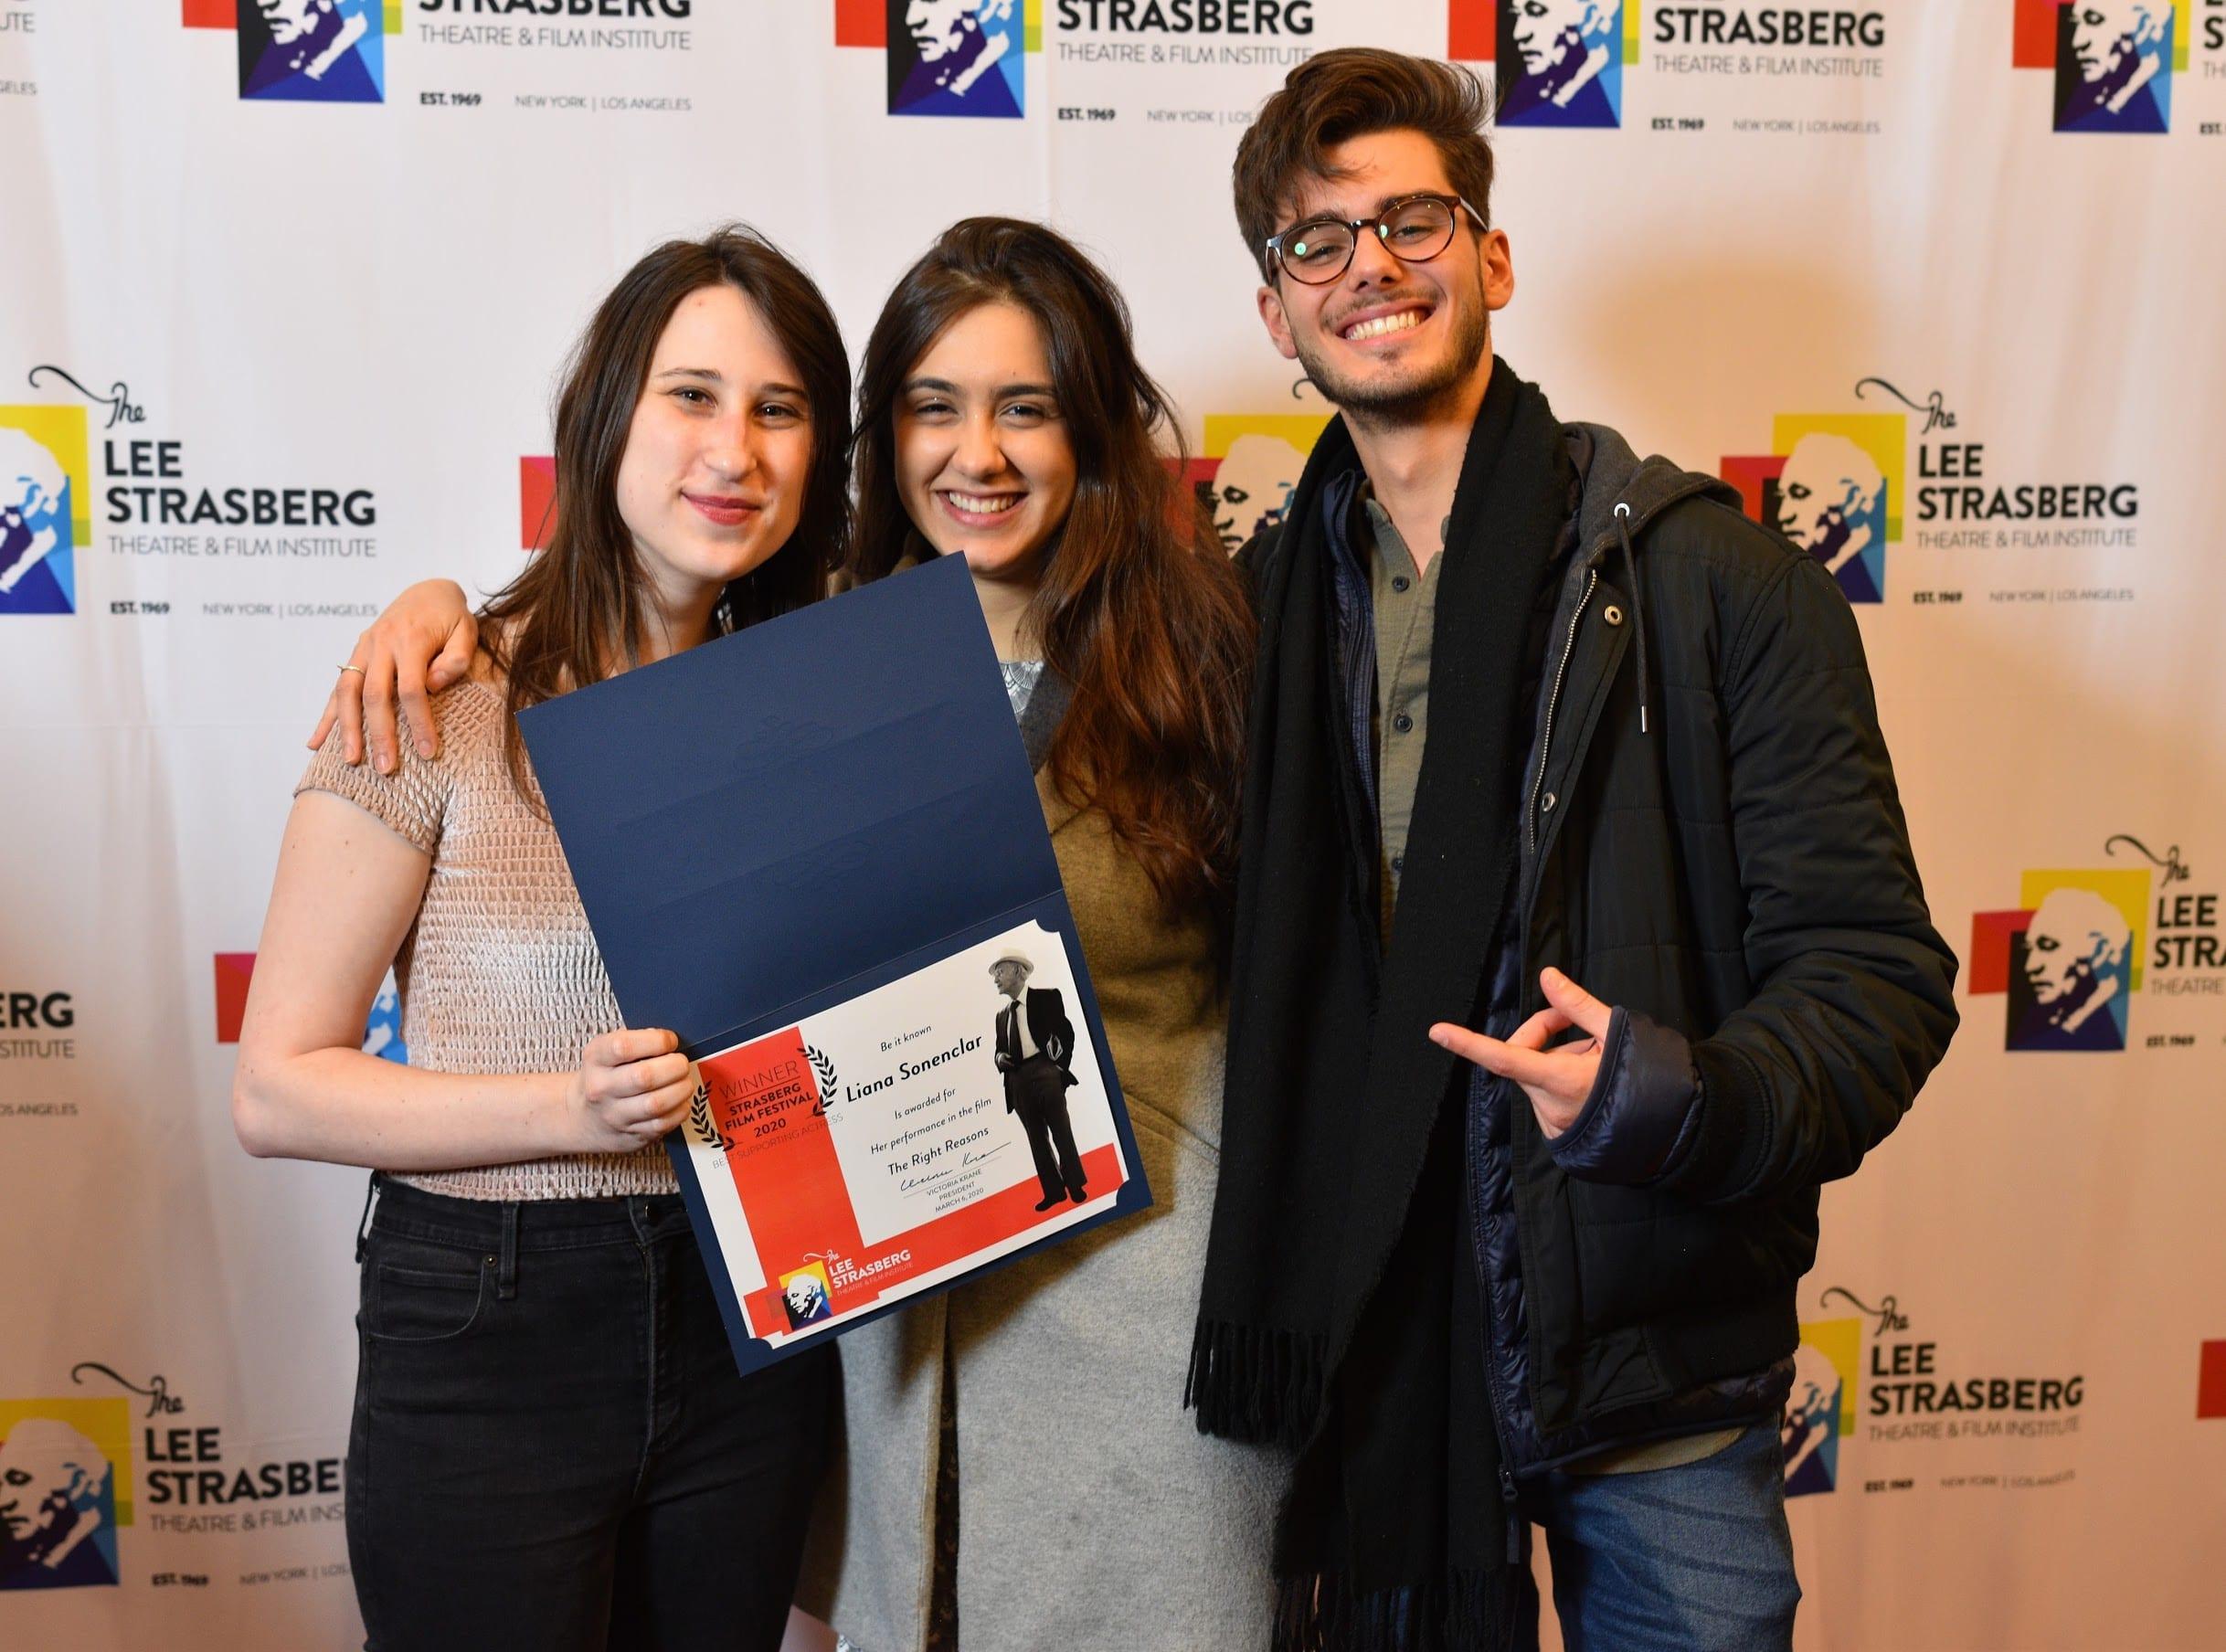 2020 strasberg film festival winner